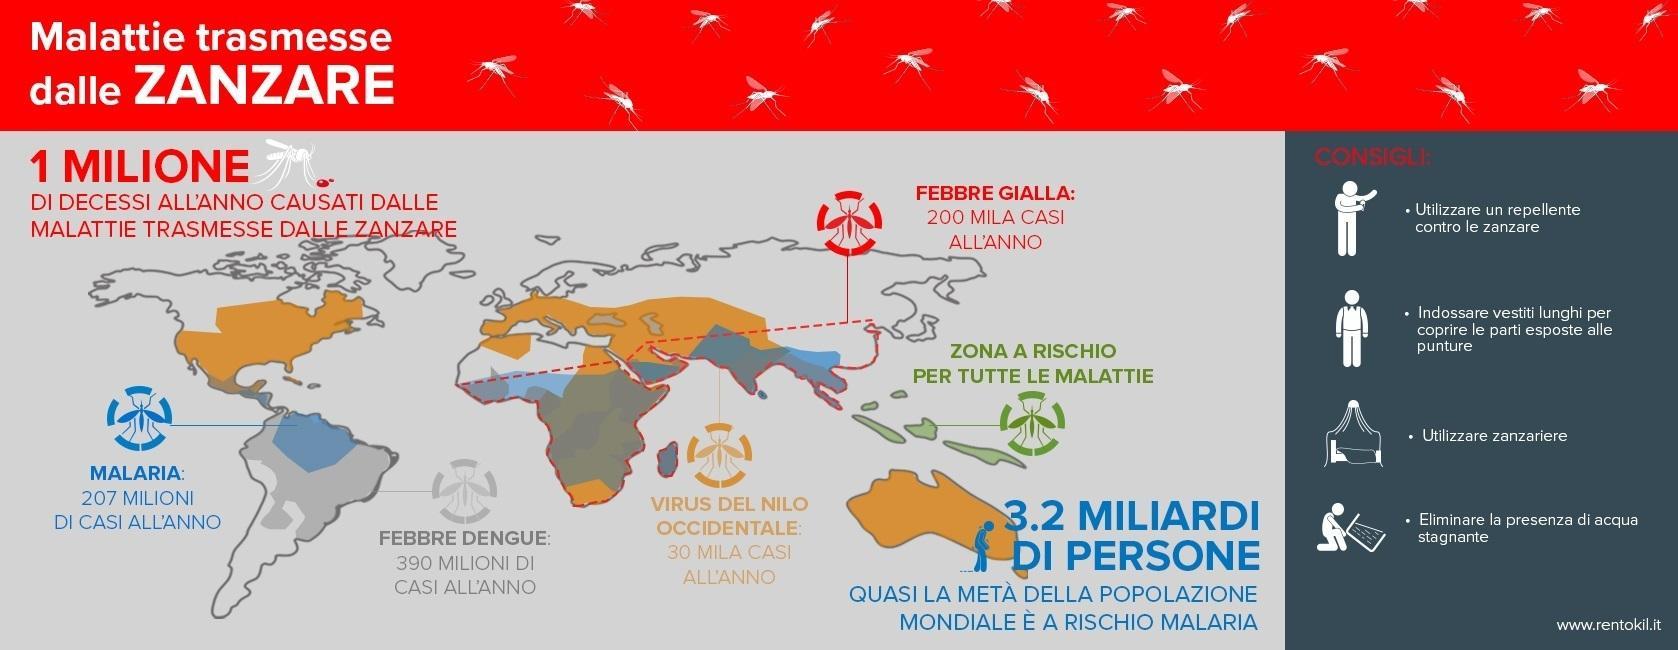 Giornata mondiale della zanzara